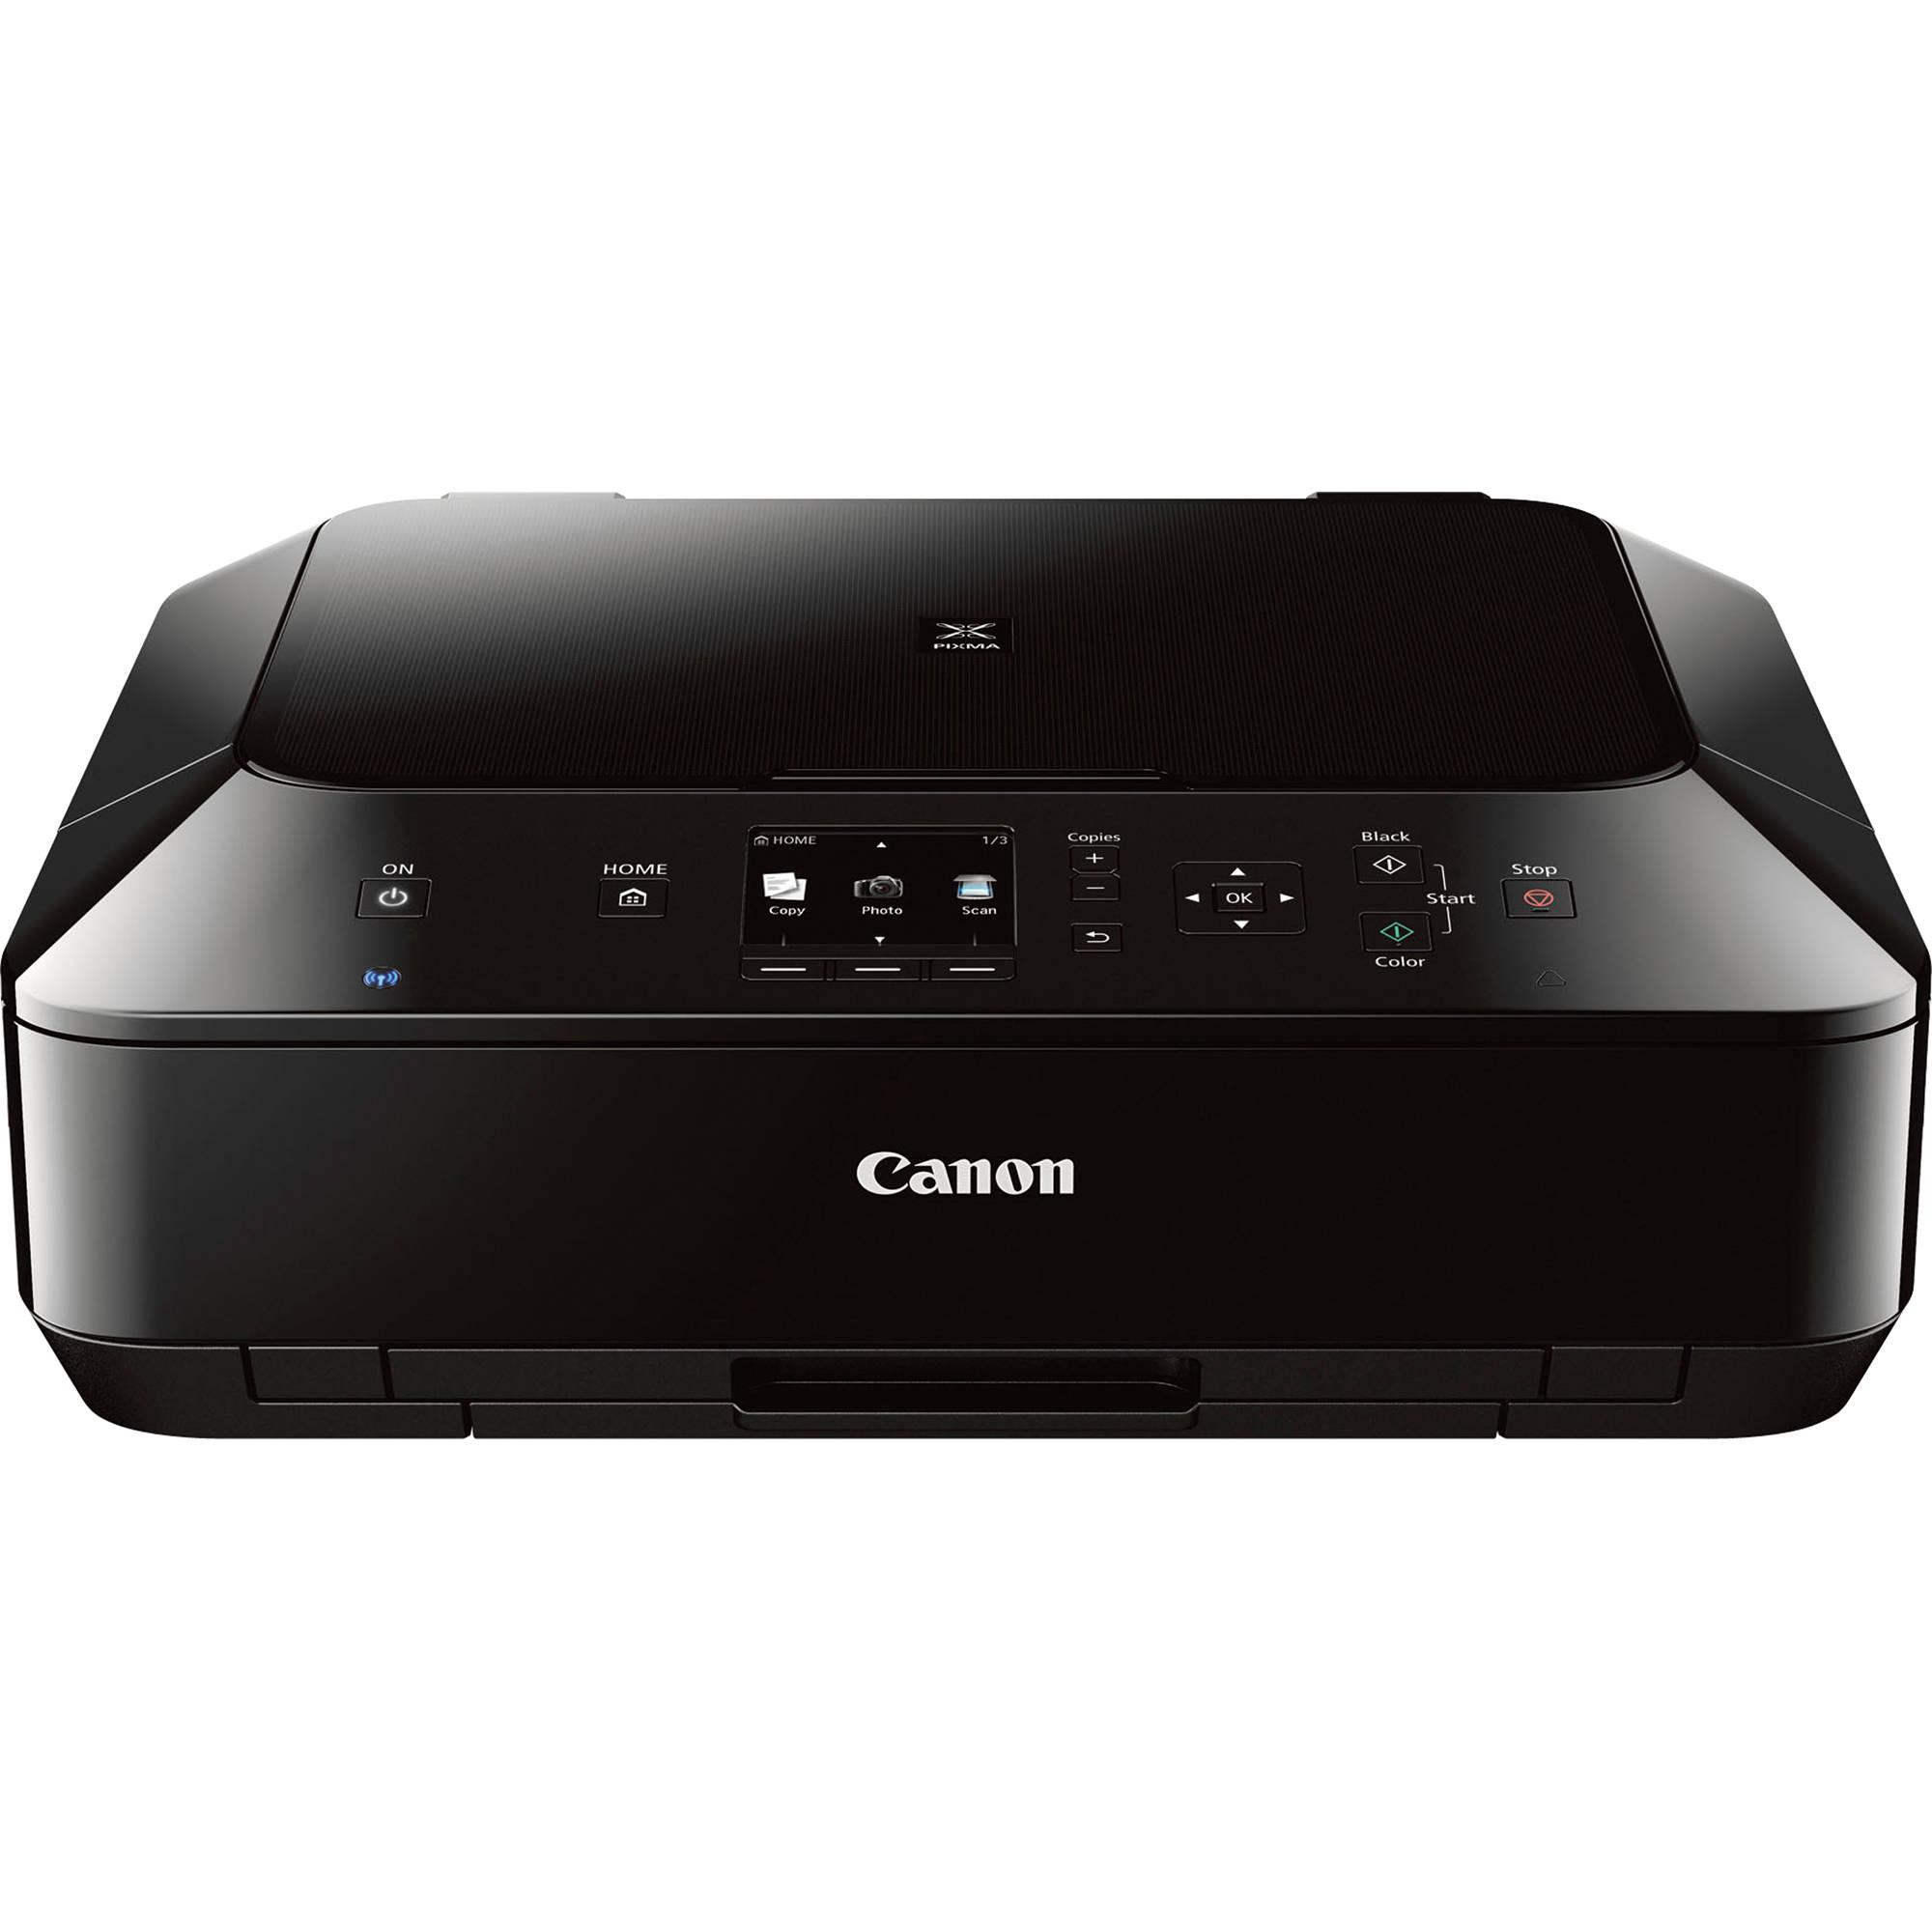 canon pixma mg5420 wireless color all in one inkjet 6225b002 b h rh bhphotovideo com canon printer mg5420 driver download canon printer manual mg5320